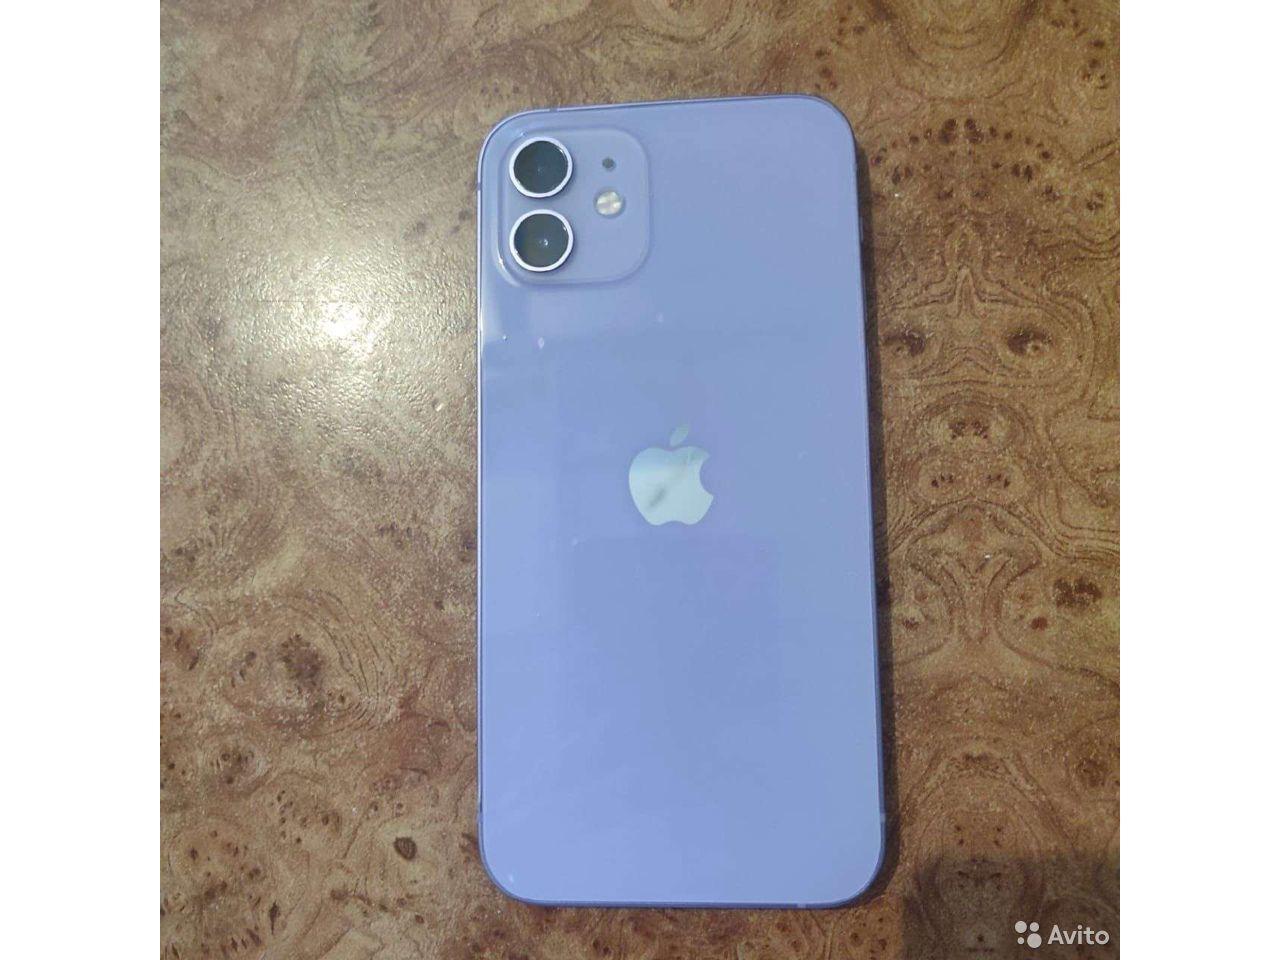 iPhone 12 128gb - 2